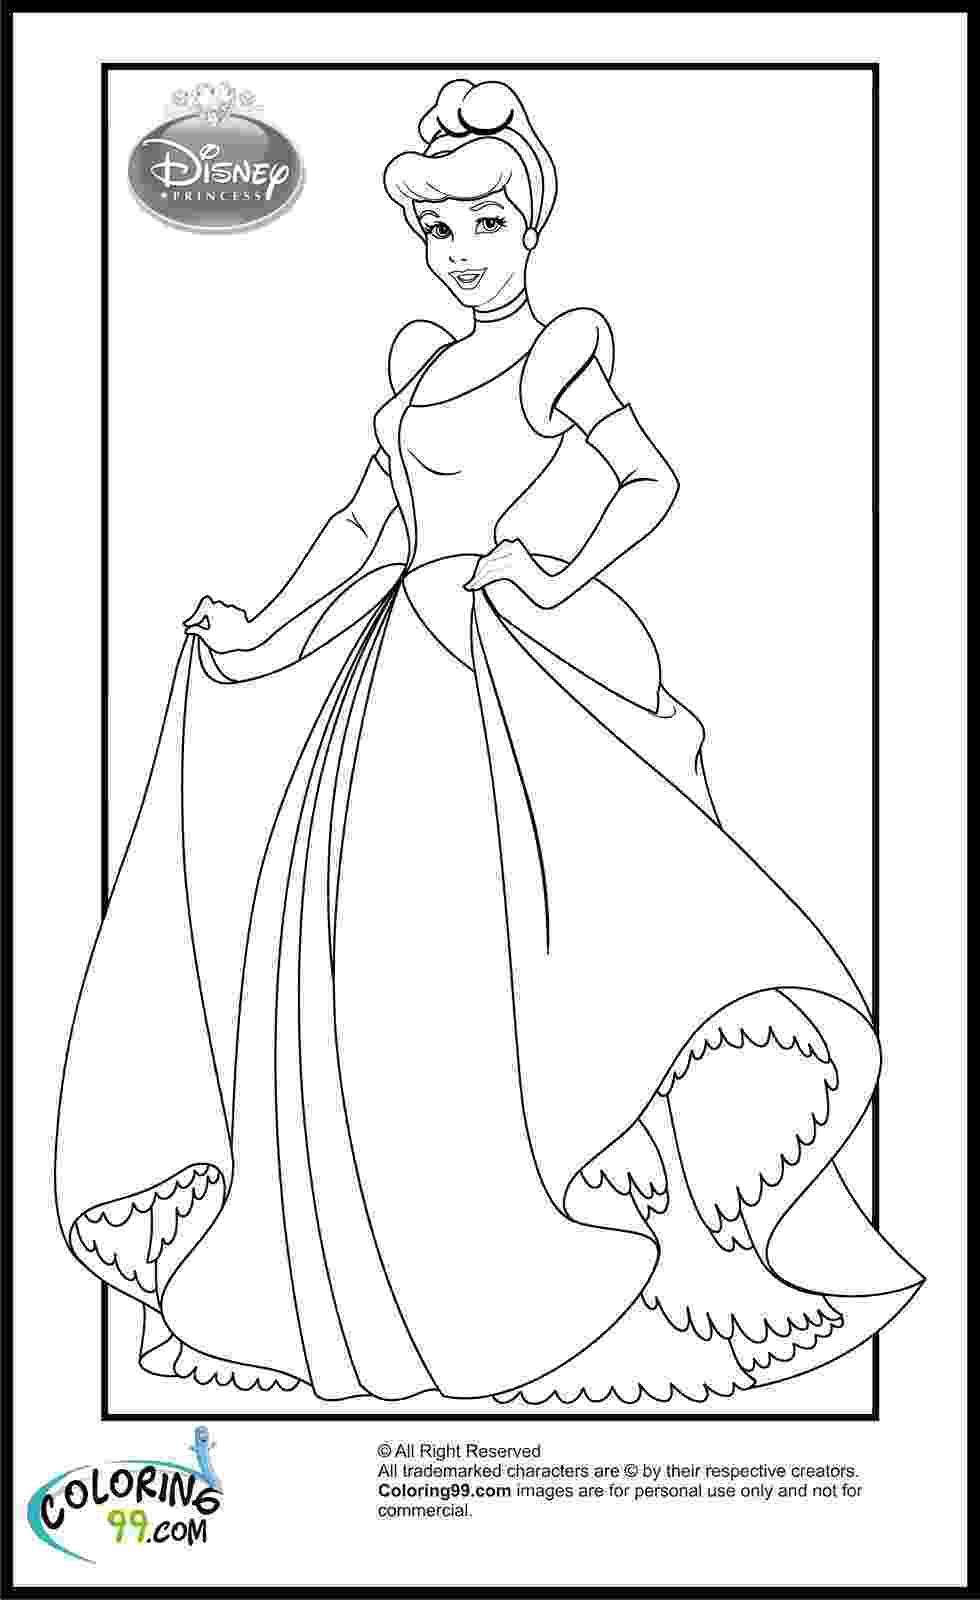 cinderella printable coloring pages disney39s cinderella coloring pages disneyclipscom printable cinderella pages coloring